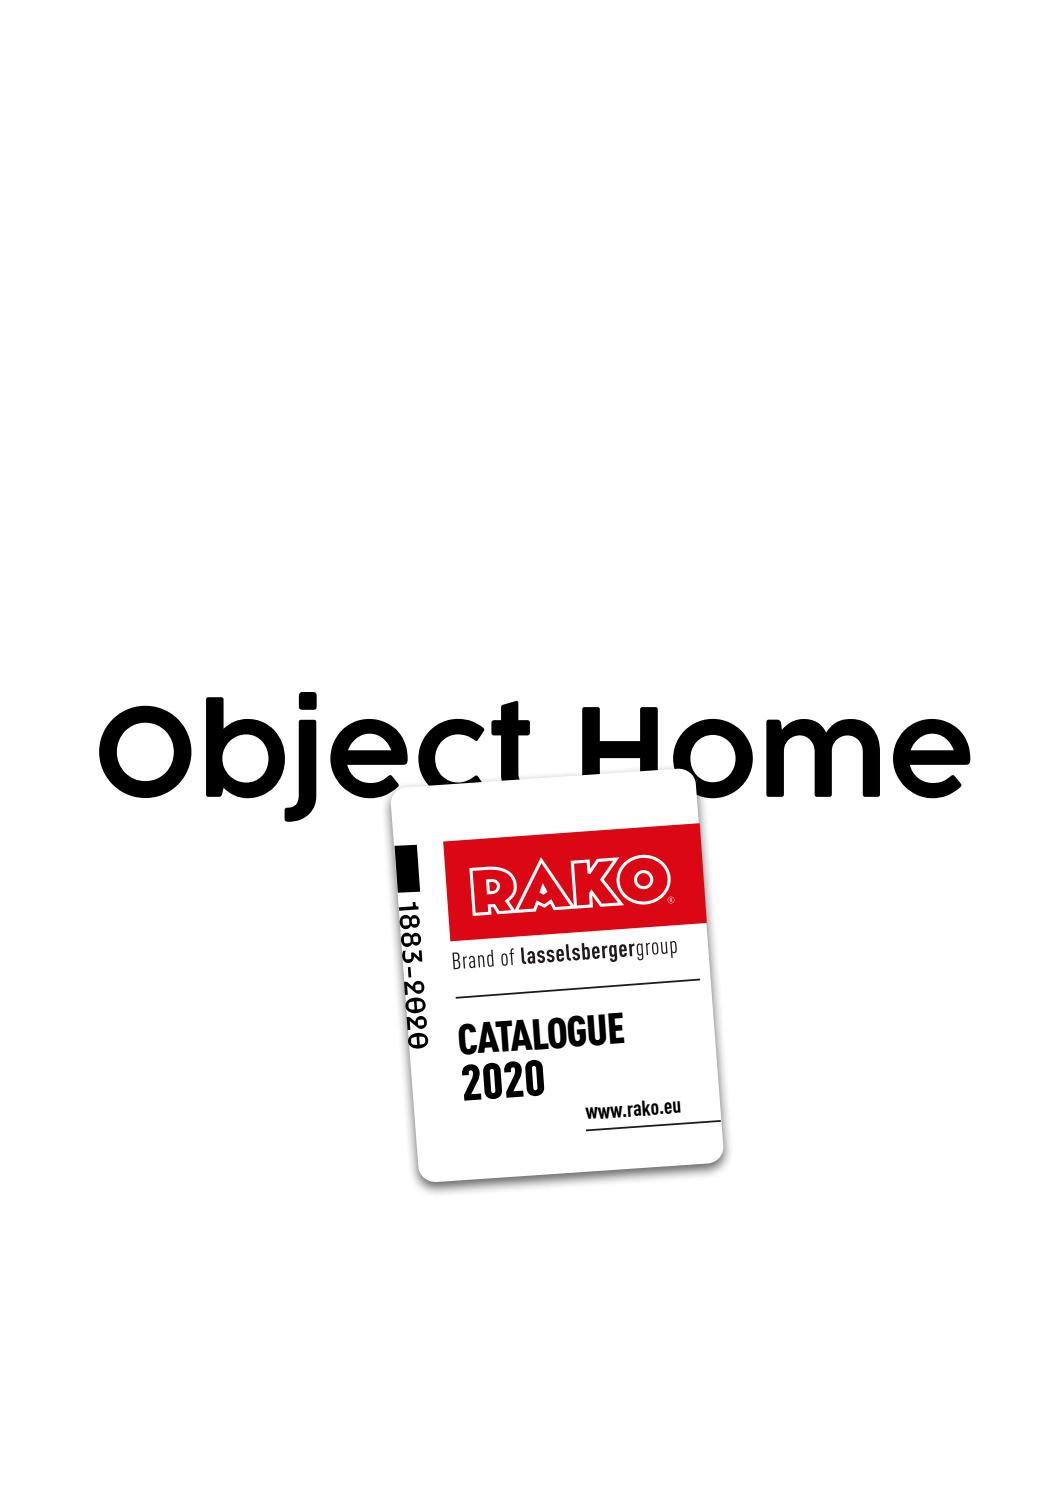 catalogue rako object home 2020 by rako